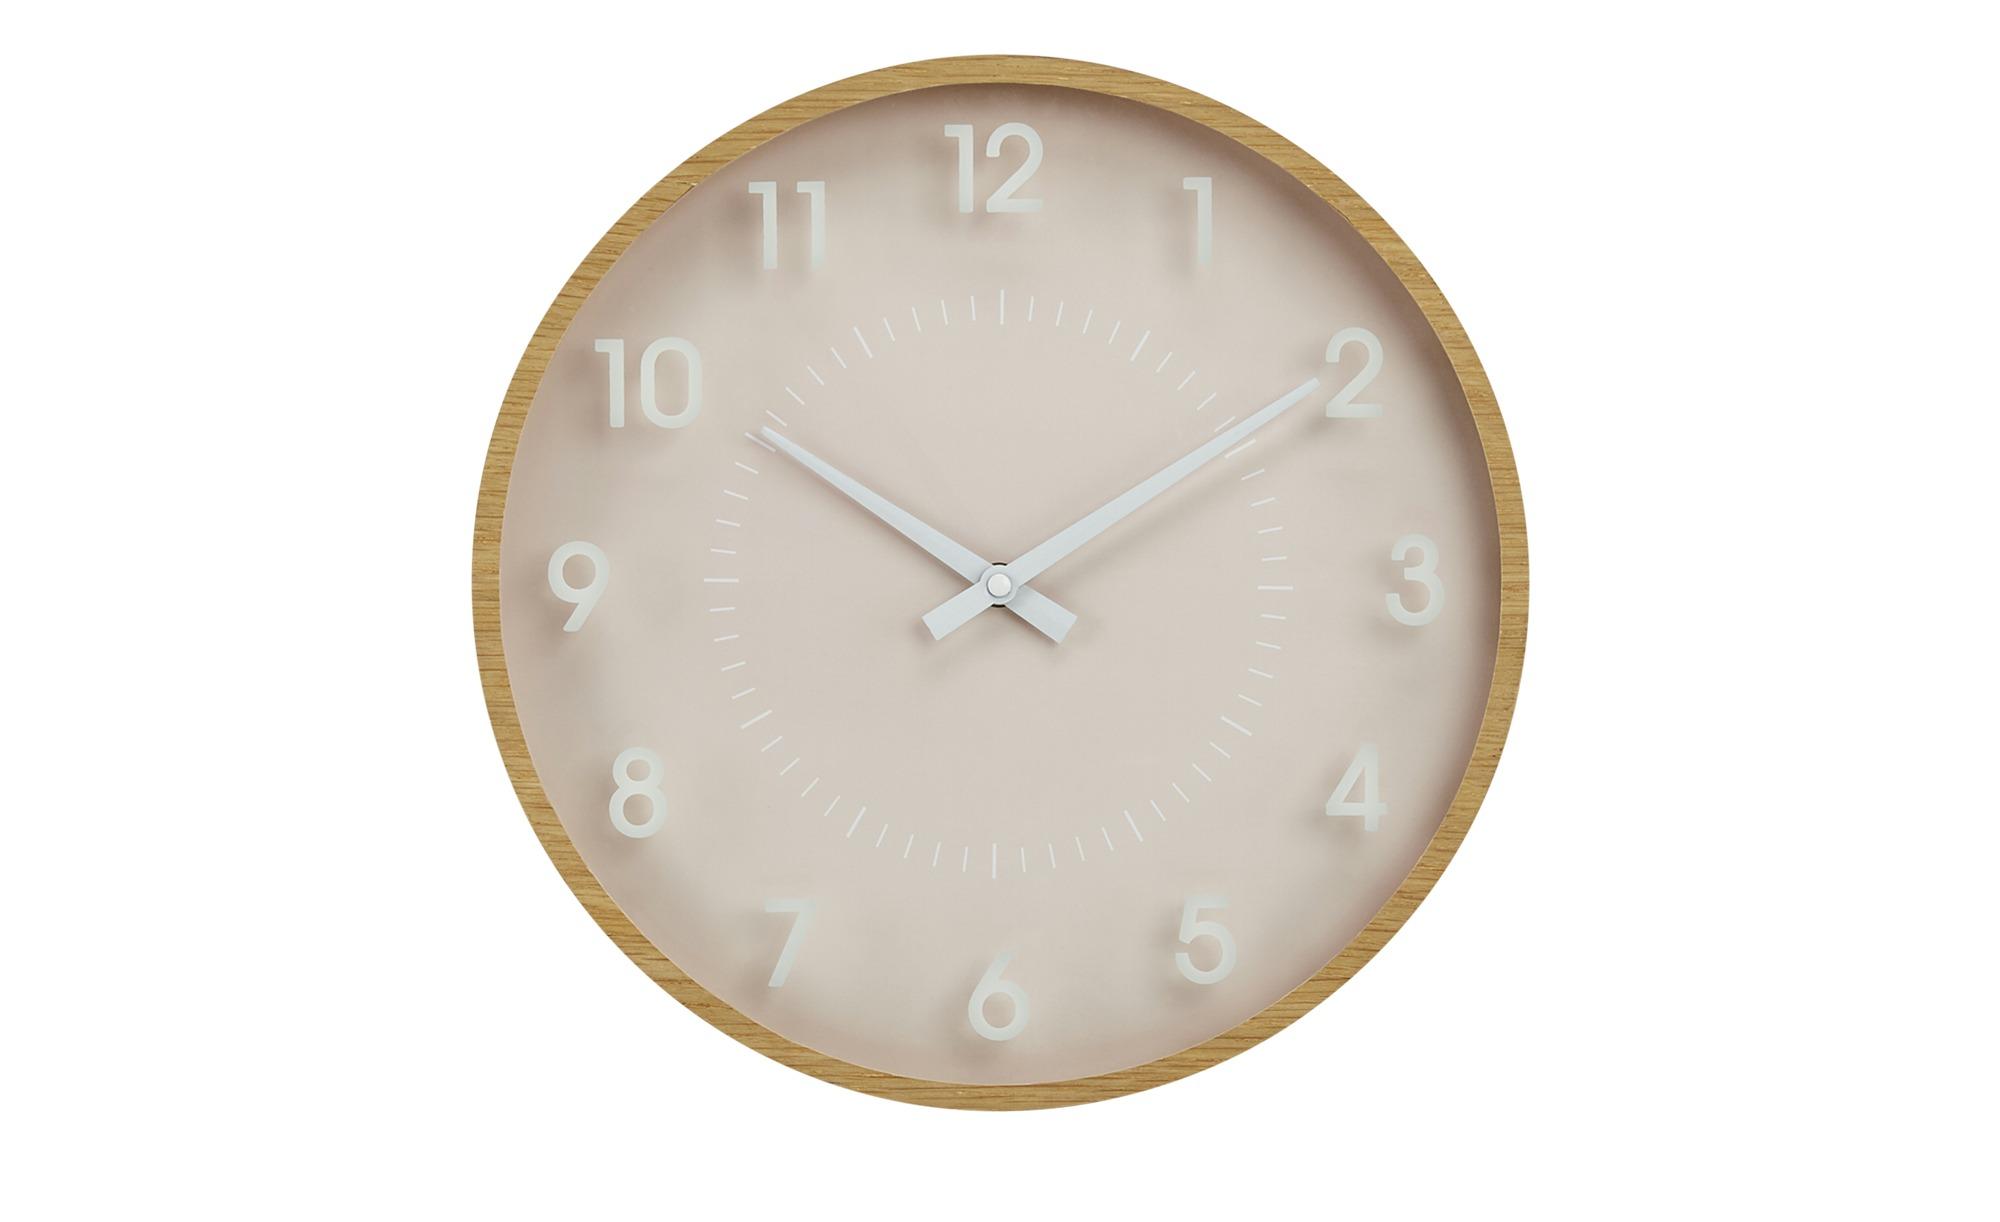 Uhr - rosa/pink - 4 cm - Dekoration > Uhren & Wetterstationen - Möbel Kraft | Baumarkt > Heizung und Klima | Möbel Kraft